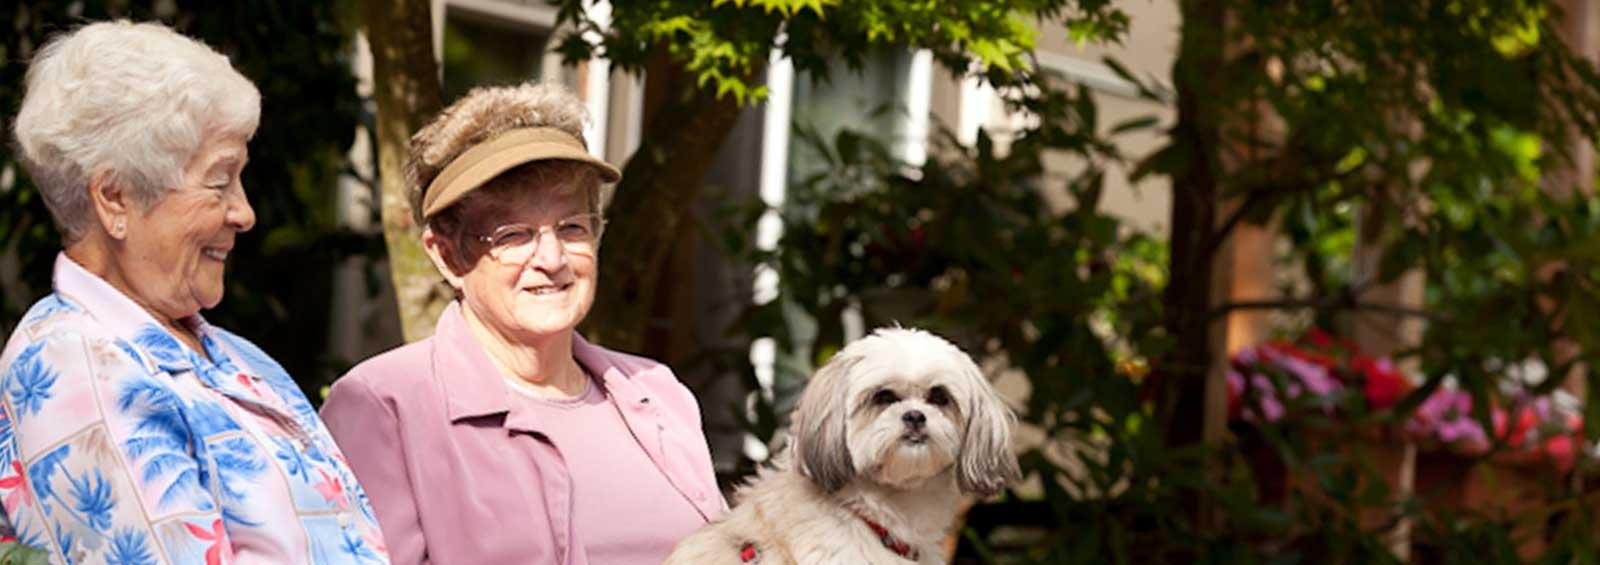 VRS Lakeside Gardens Seniors Community Home smiling senior residents with dog in garden